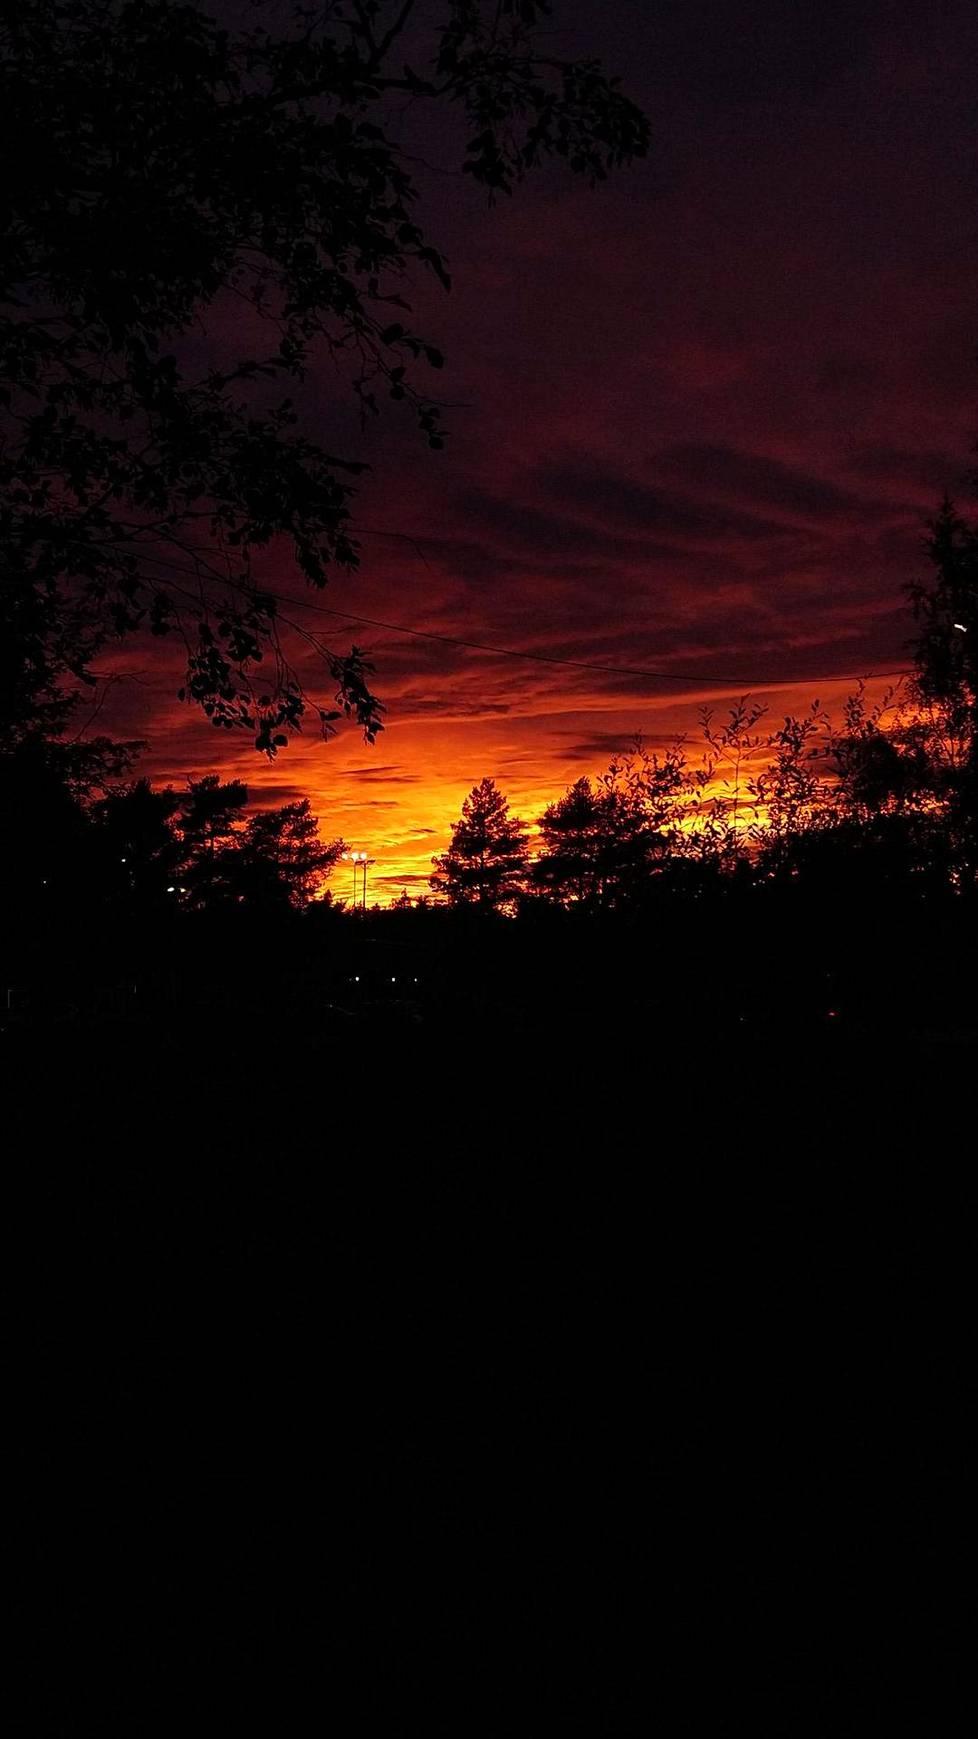 Tulenpunainen auringonlasku Kokkolassa.